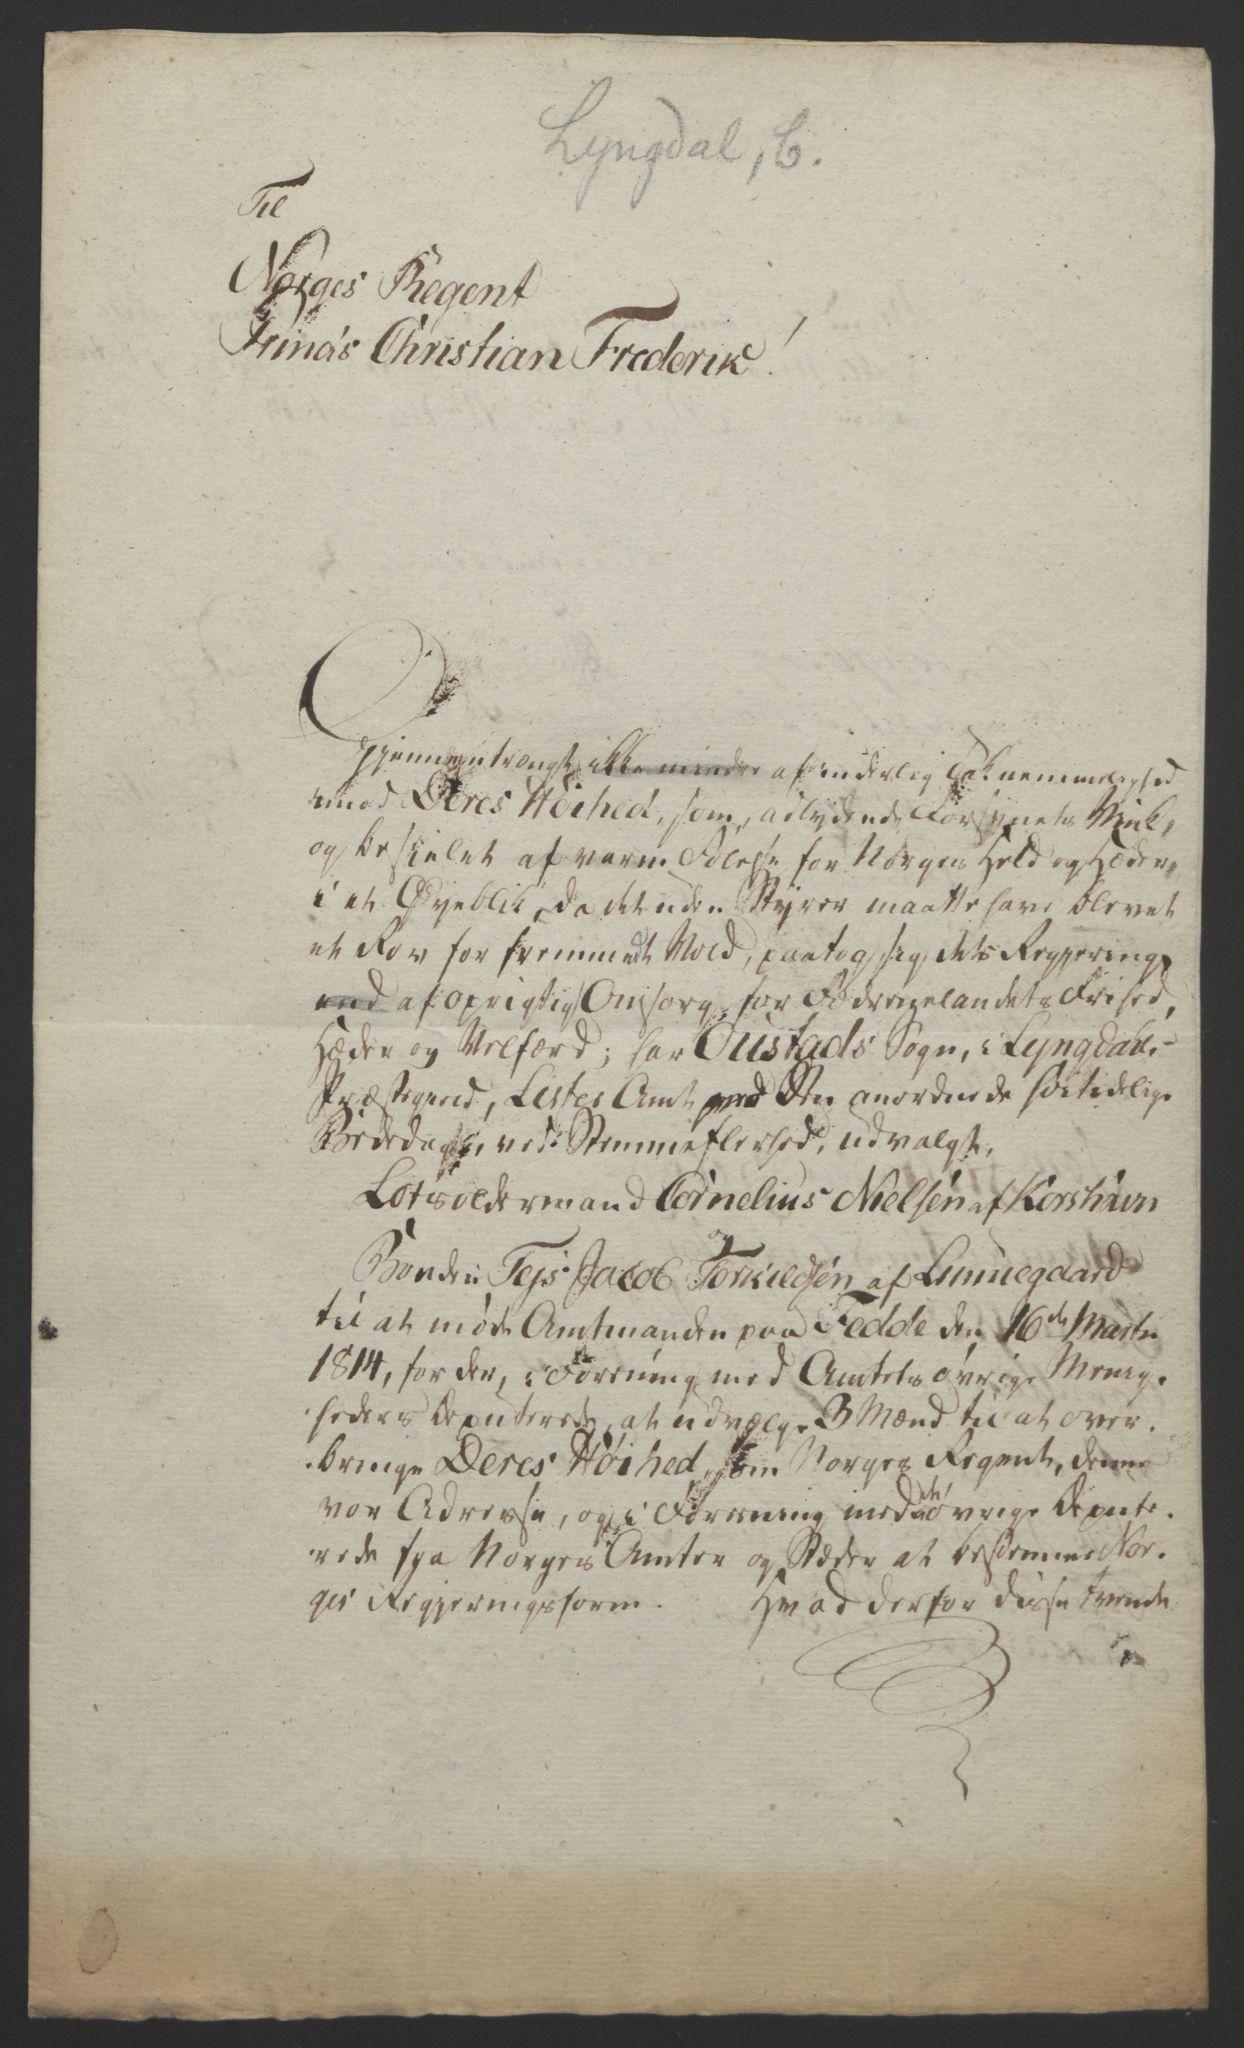 RA, Statsrådssekretariatet, D/Db/L0008: Fullmakter for Eidsvollsrepresentantene i 1814. , 1814, s. 172